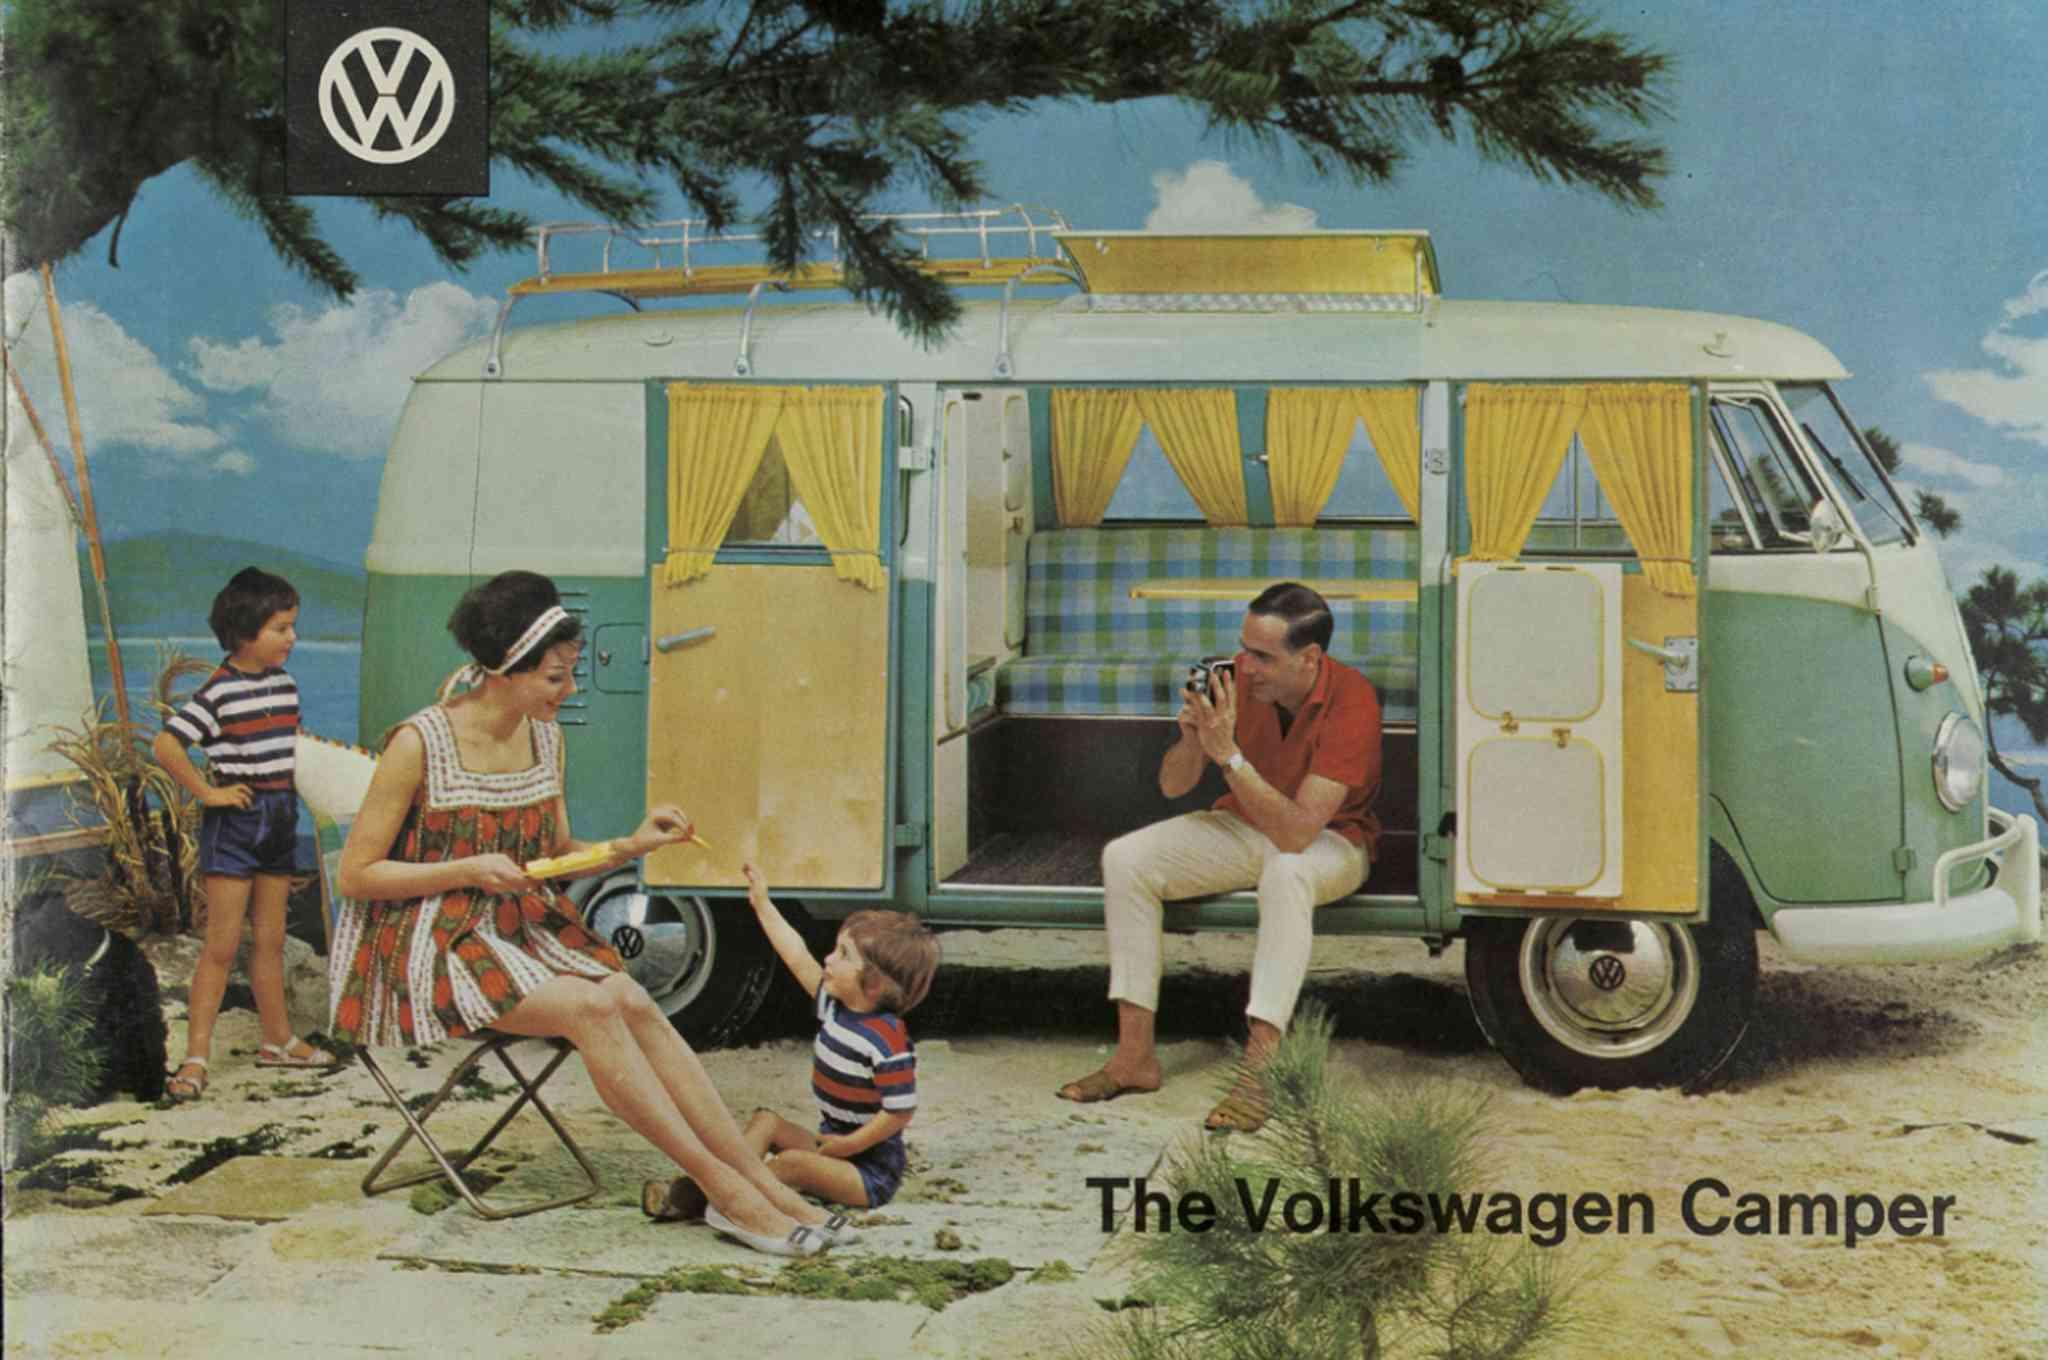 camper bus photo